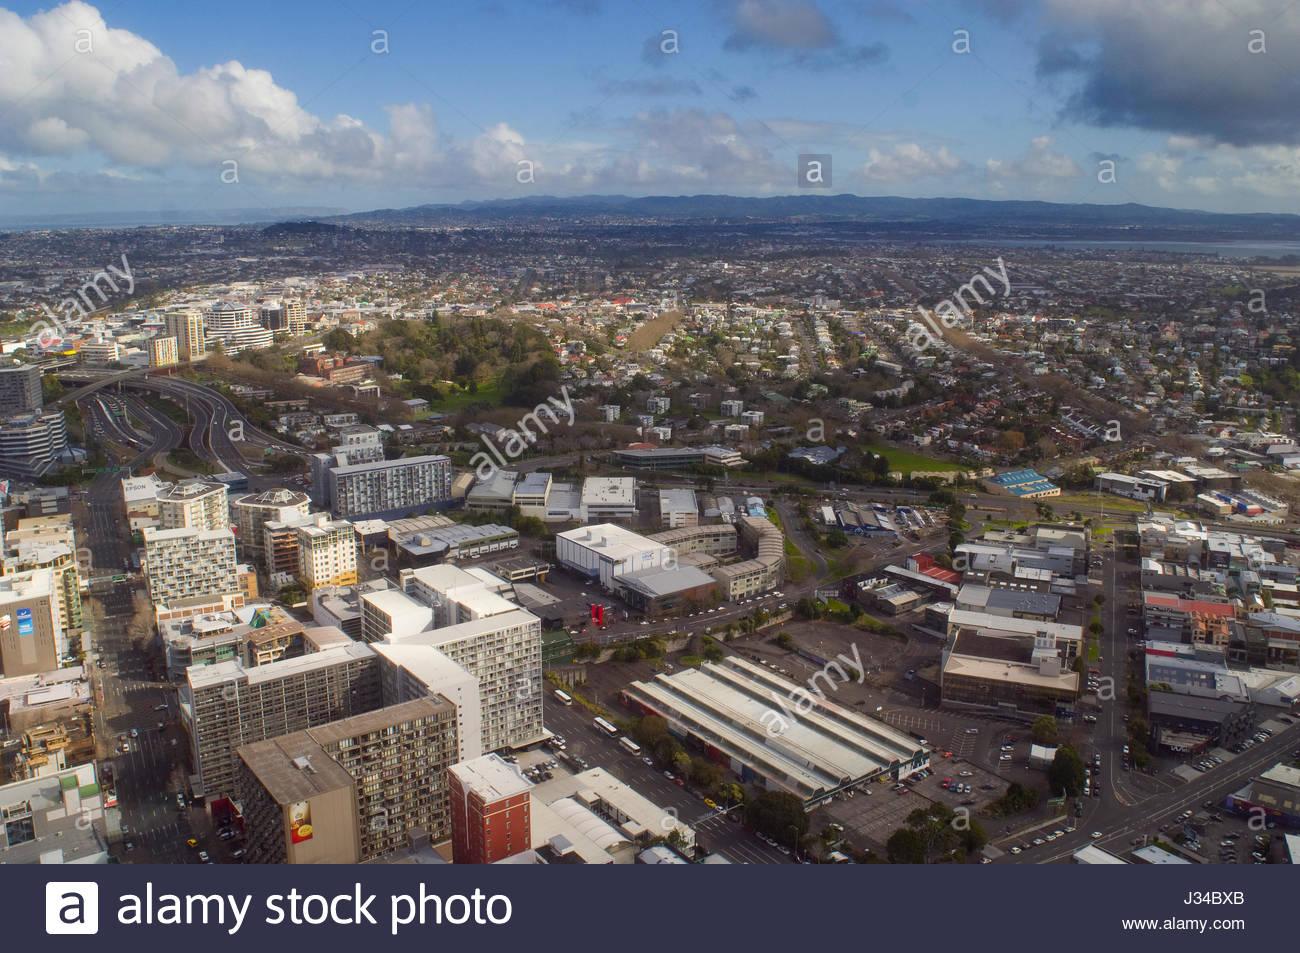 Blick auf die Stadt Auckland und den umliegenden Vororten von der Aussichtsplattform des Sky Tower, August 2007. Stockfoto